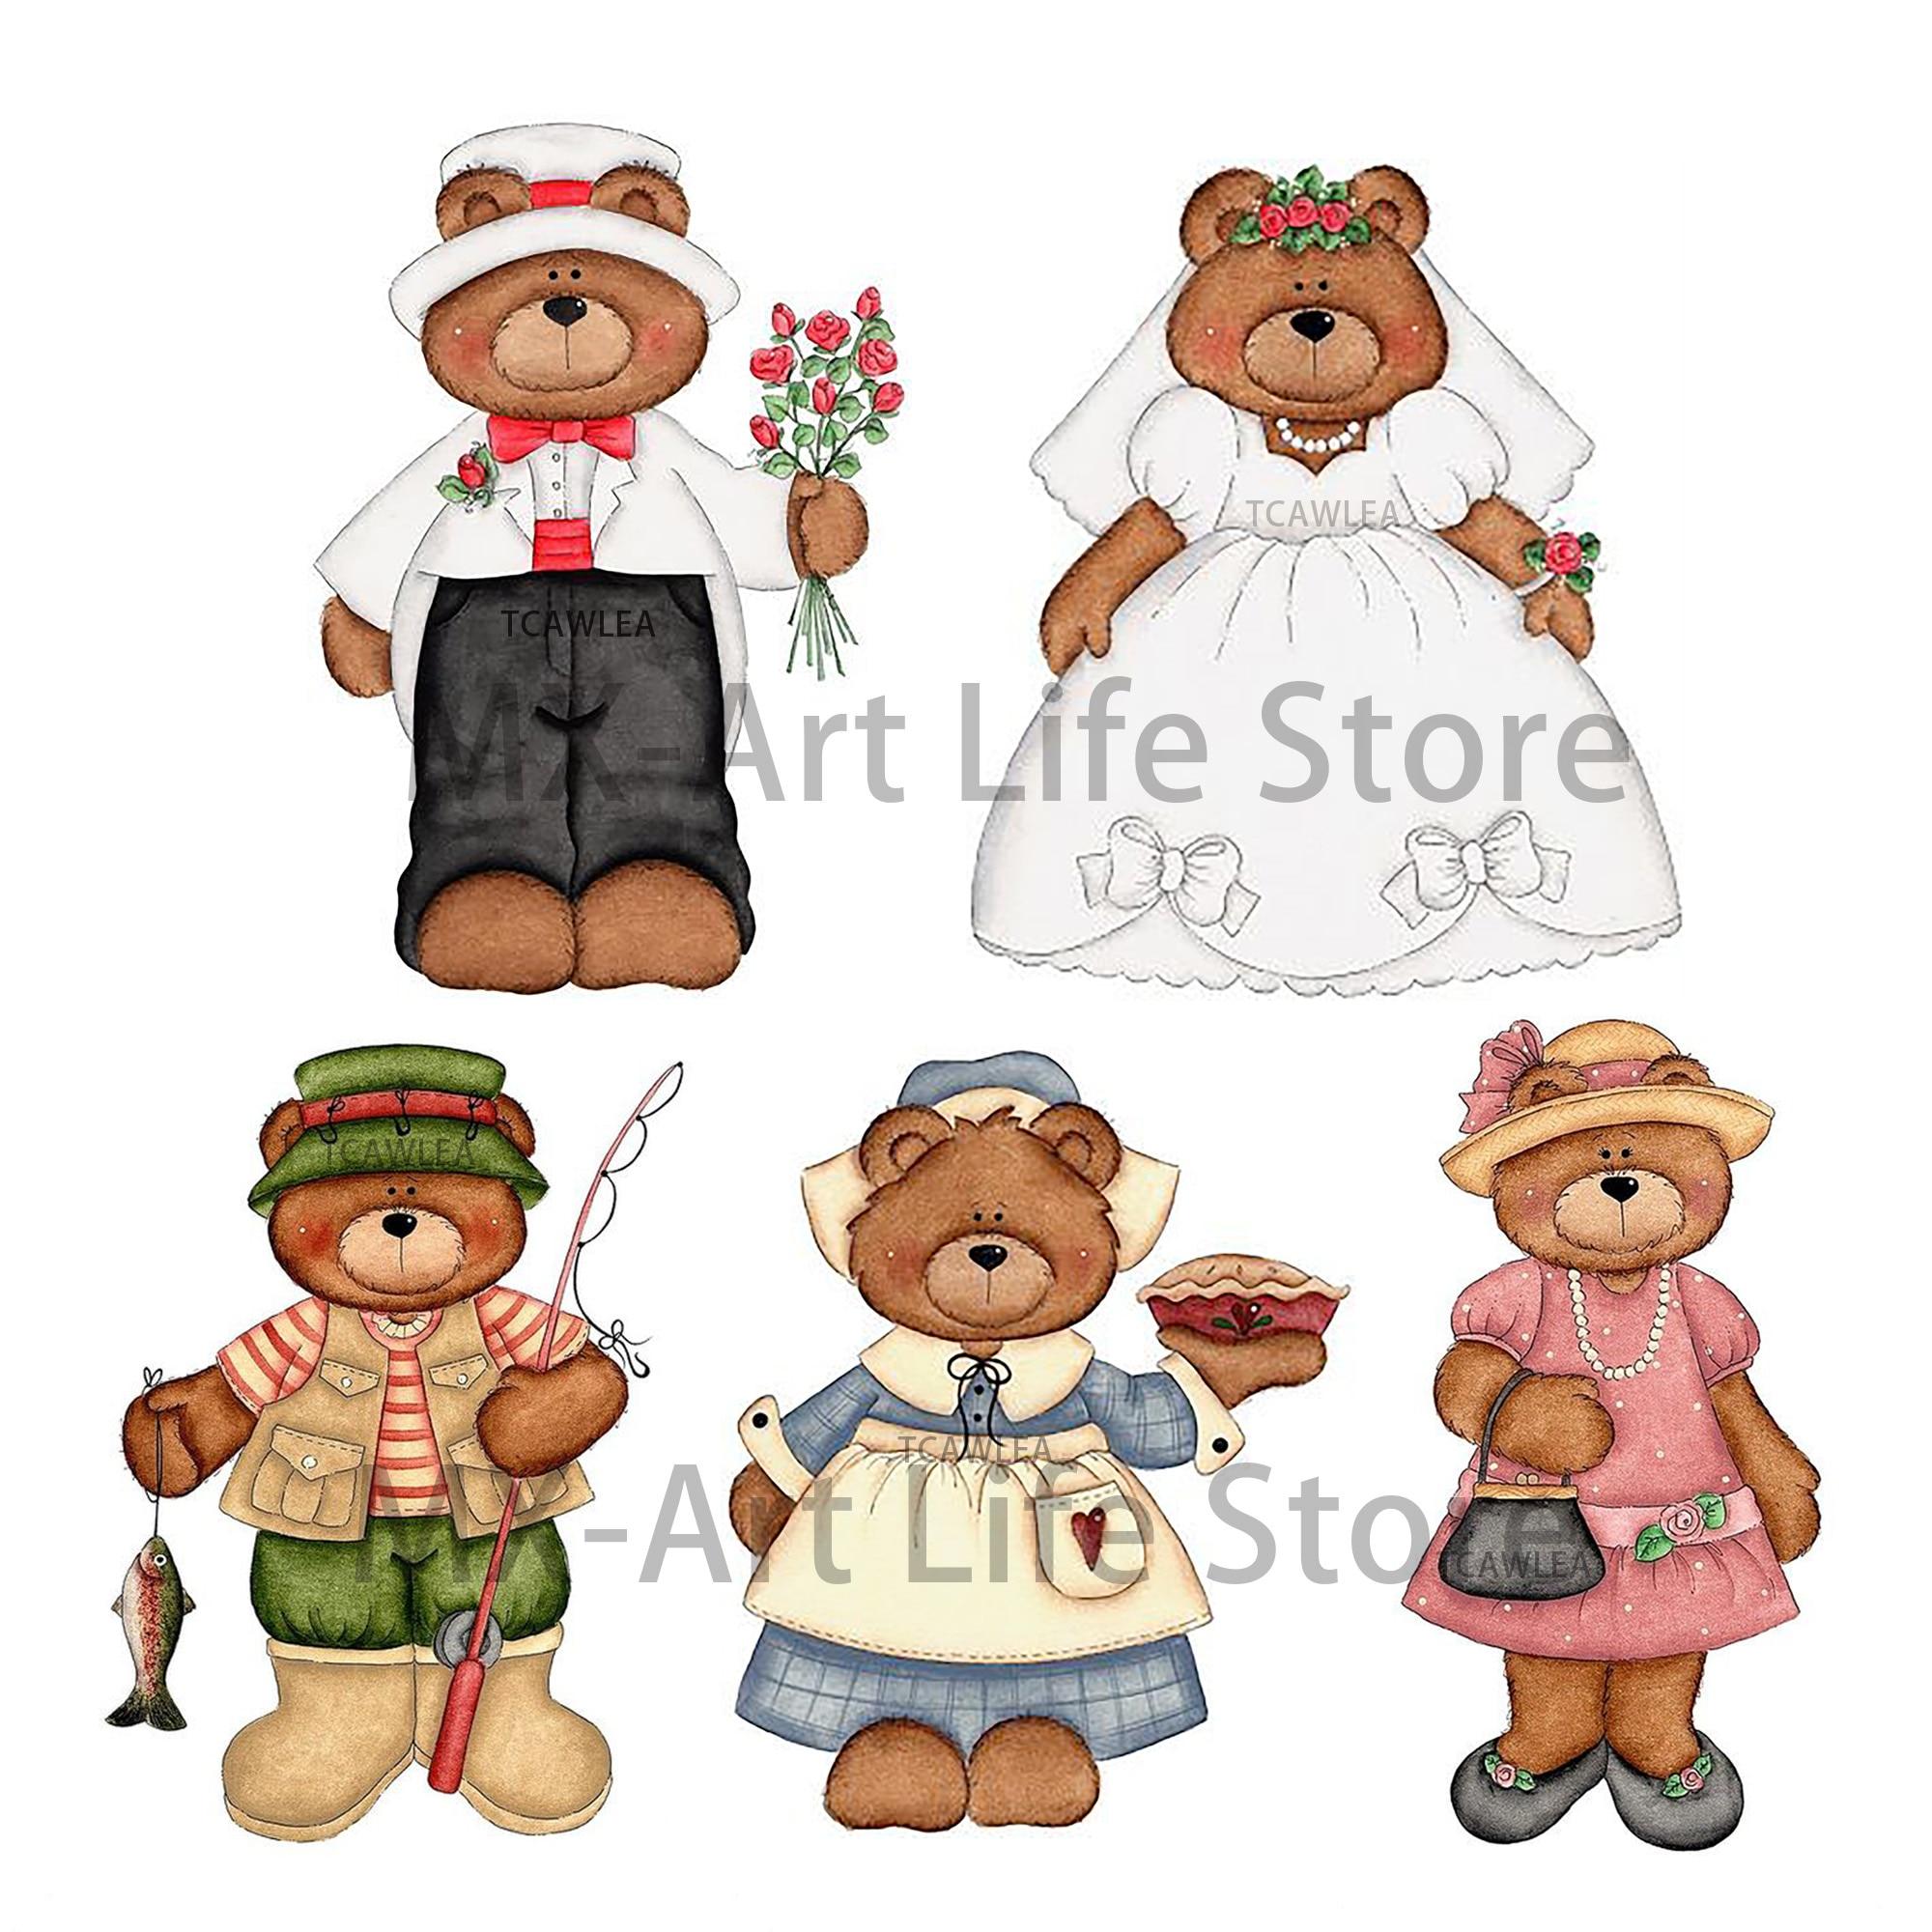 Baby Child Doll Toy Teddy Bear Metal Cutting Dies Stencils DIY for Scrapbooking